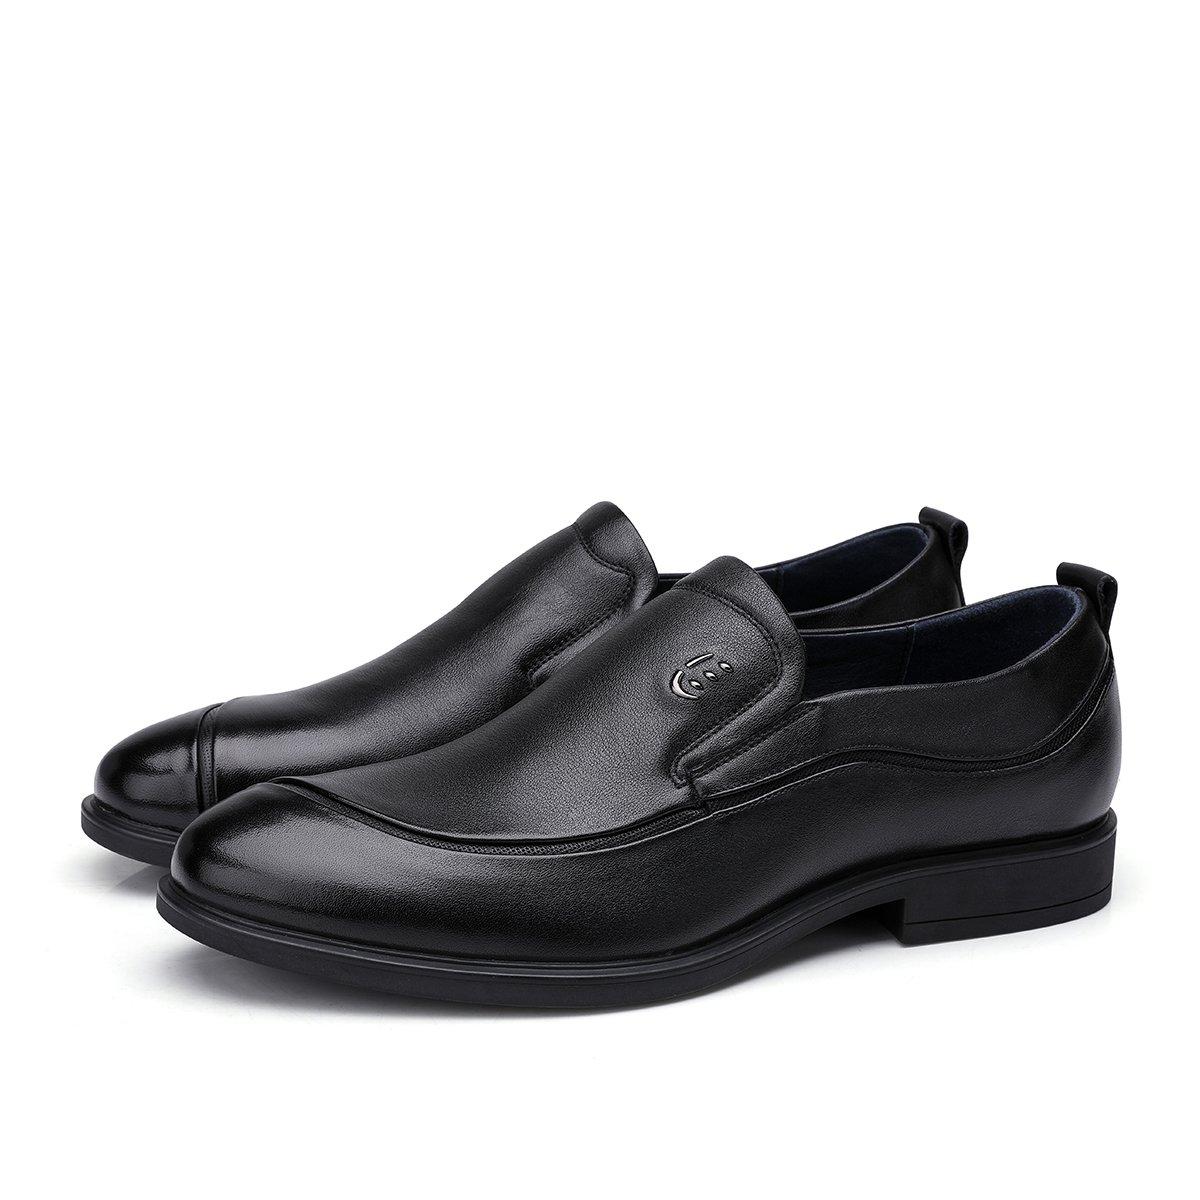 骆驼皮鞋男 商务正装鞋英简约时尚舒适防滑牛皮鞋德比鞋80821877832050HE